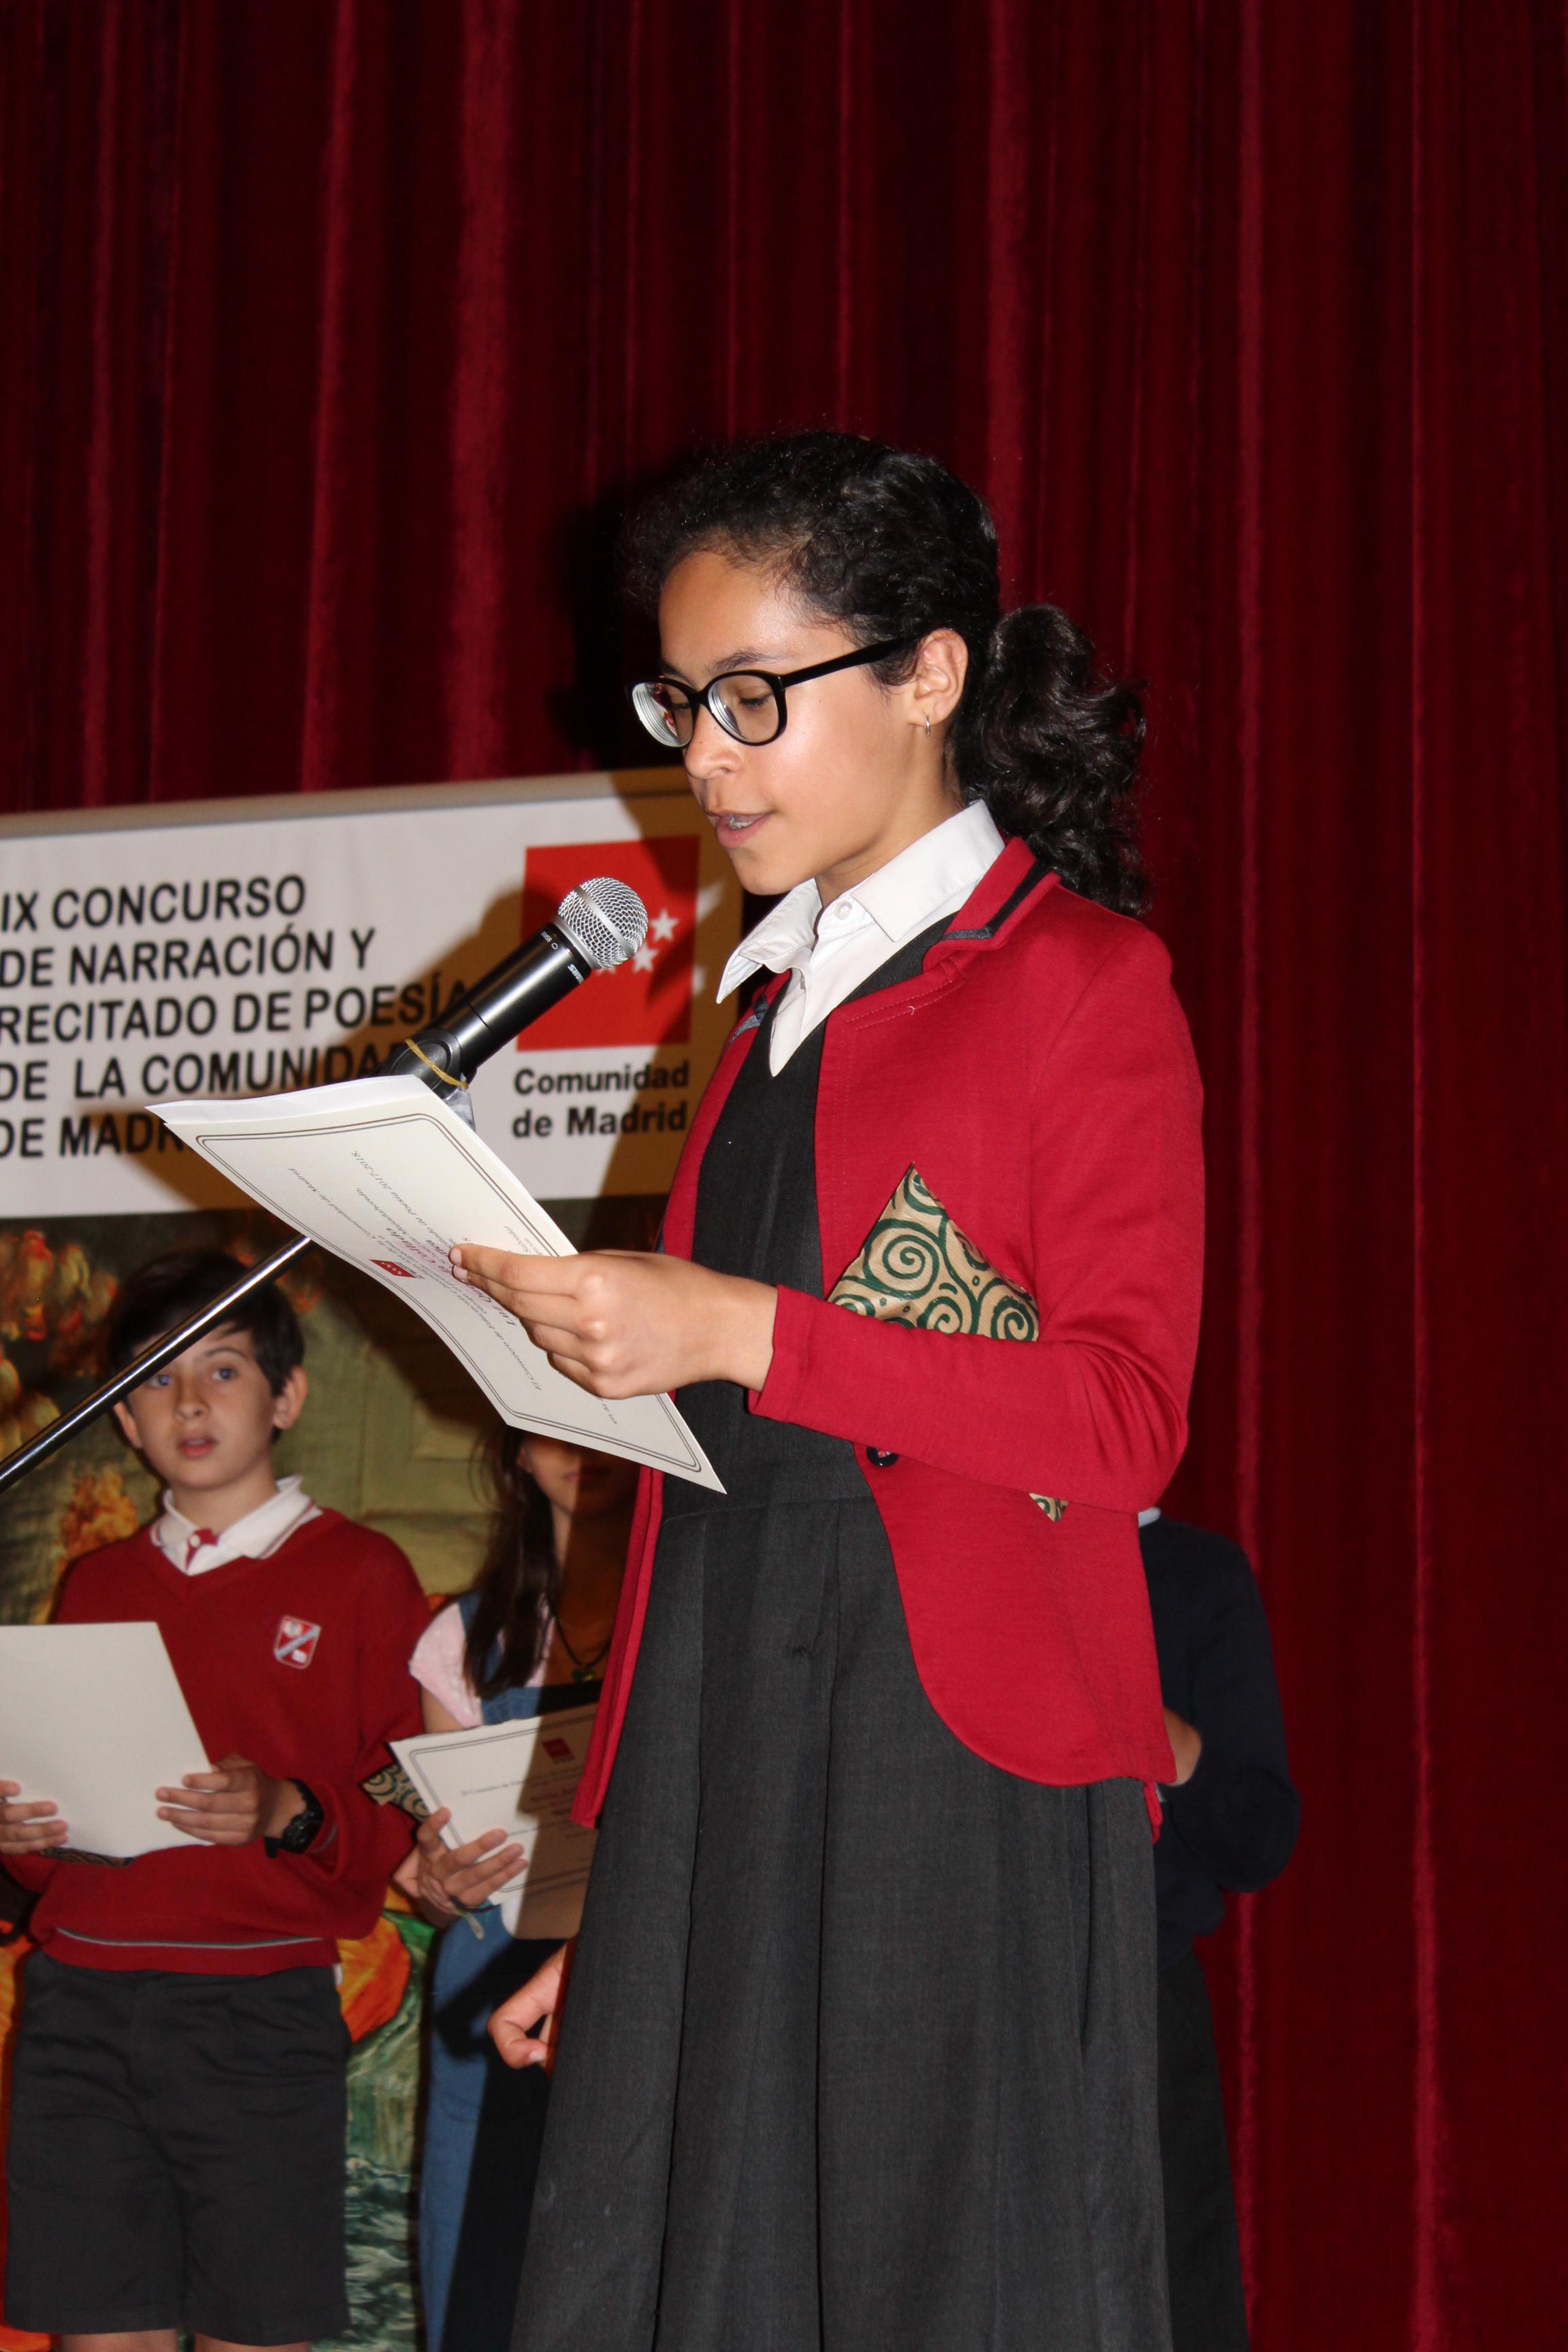 Entrega de los premios del IX Concurso de Narración y Recitado de Poesía 11